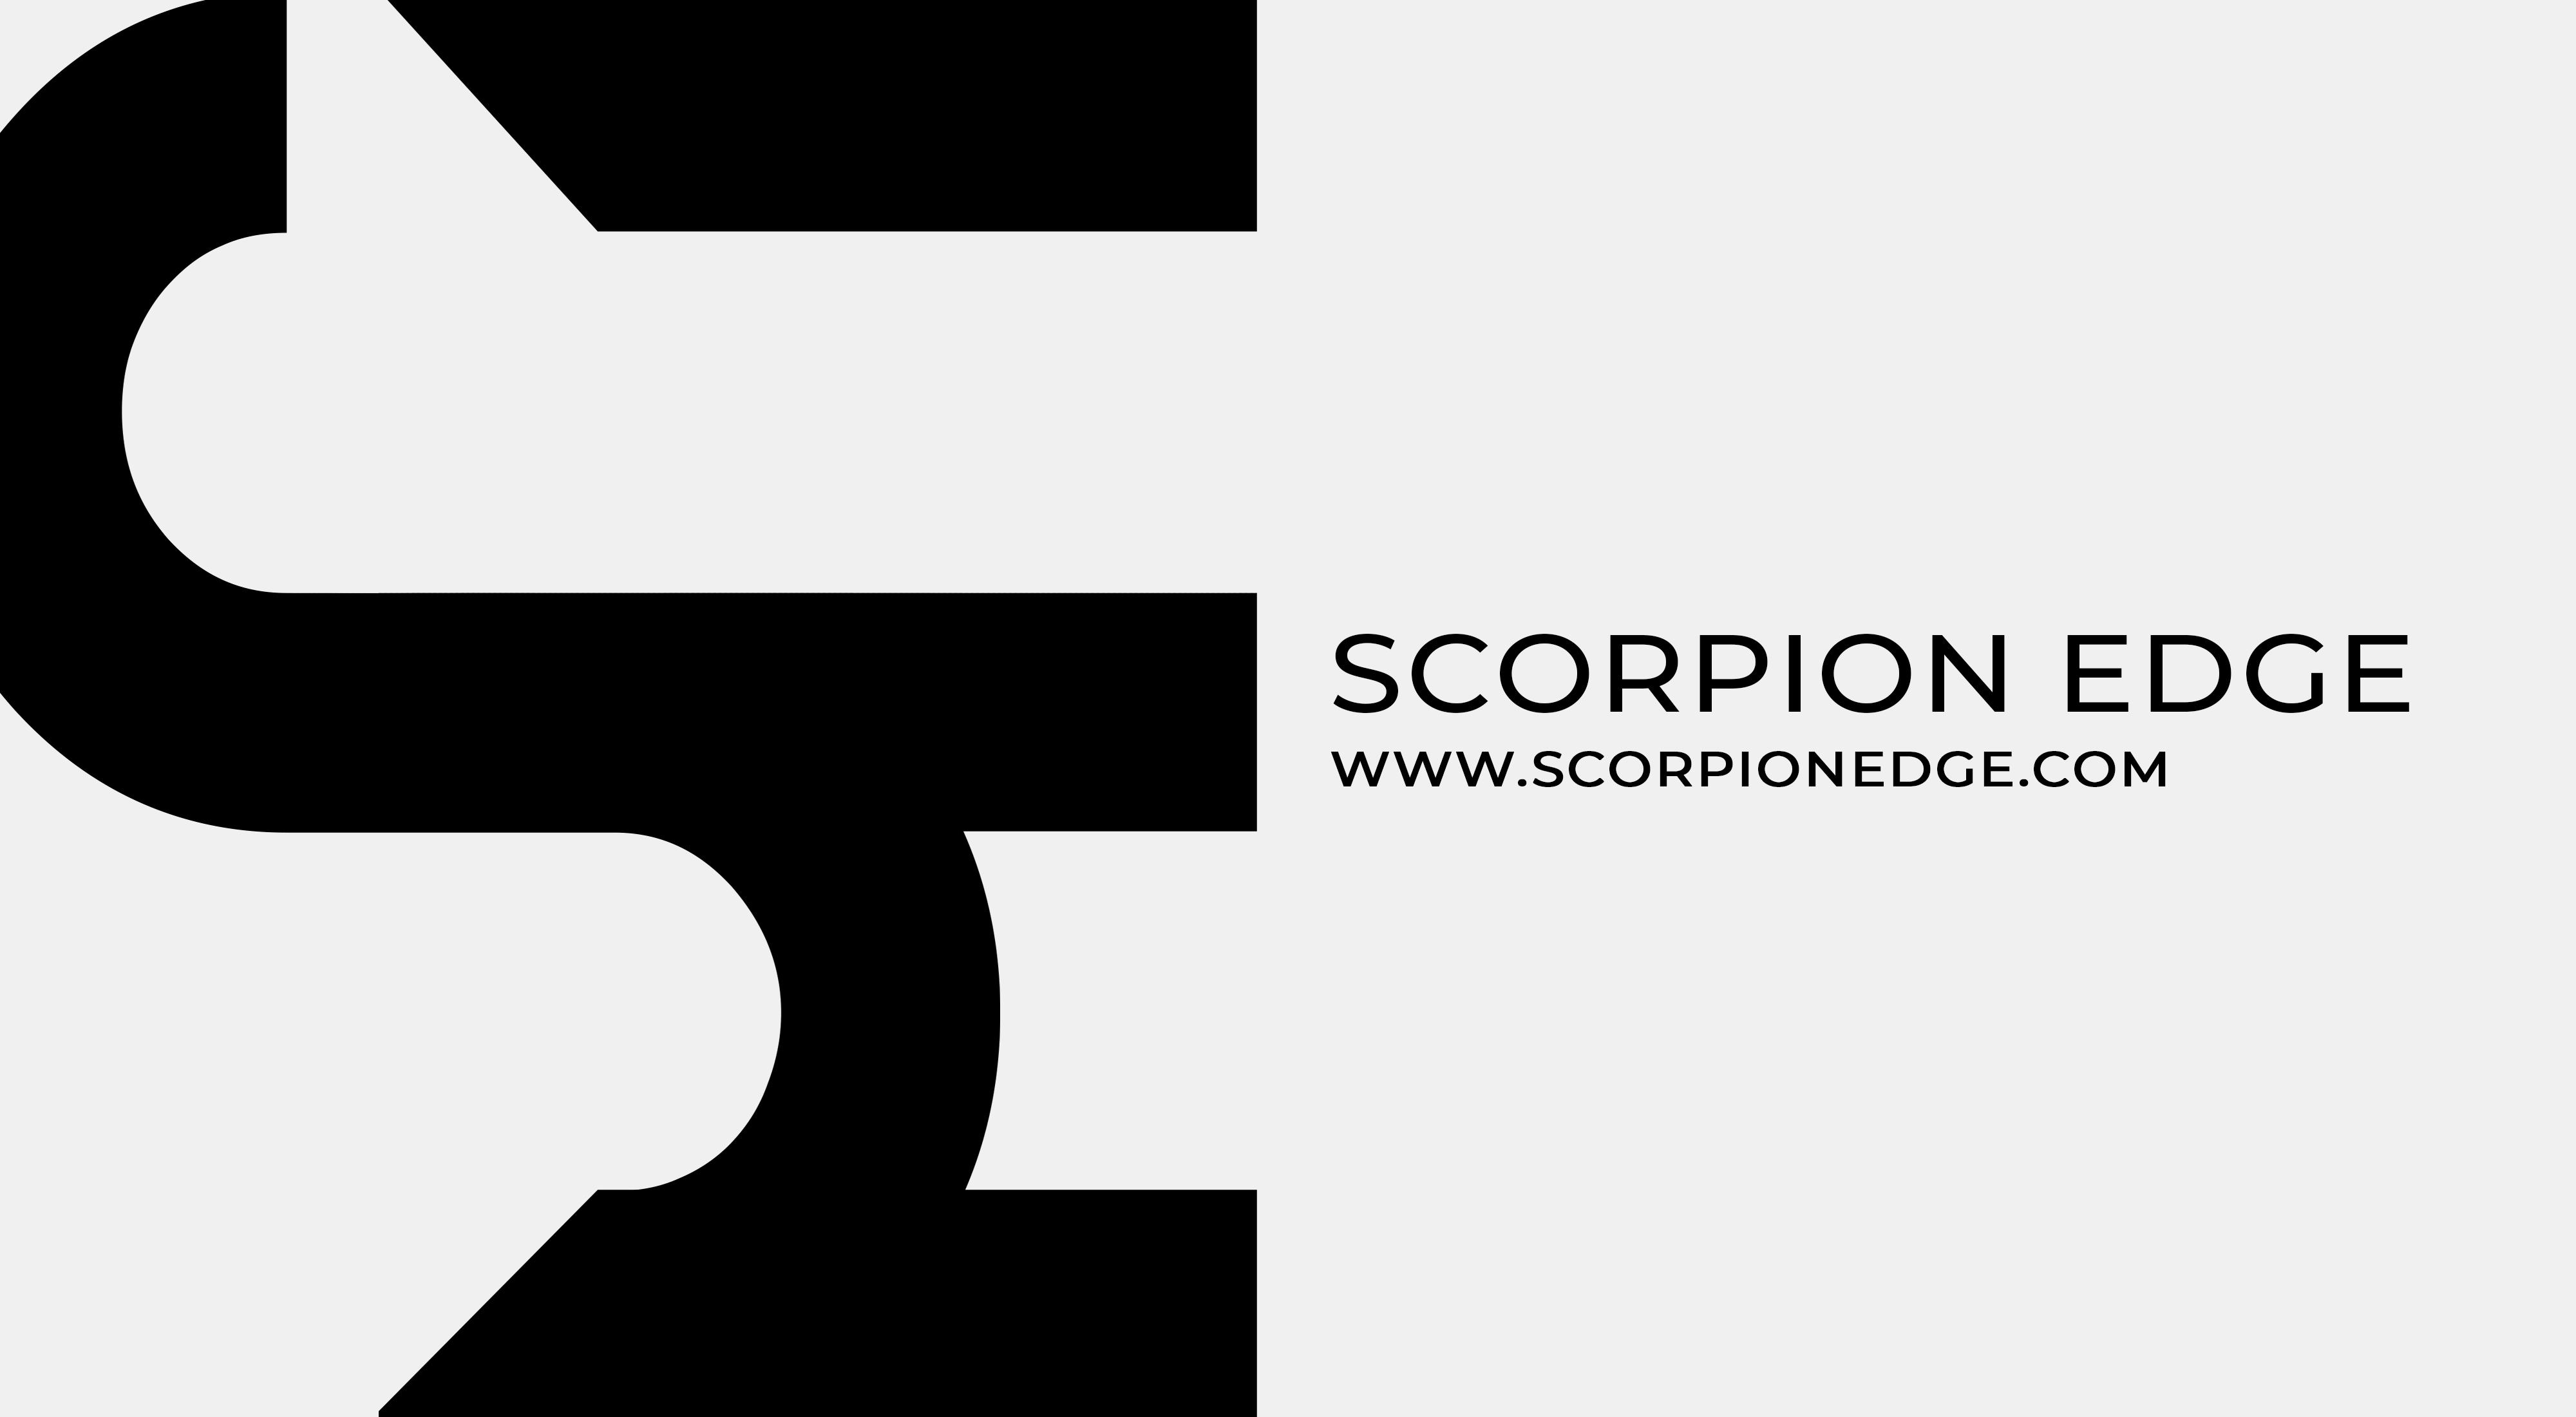 scorpionedge2